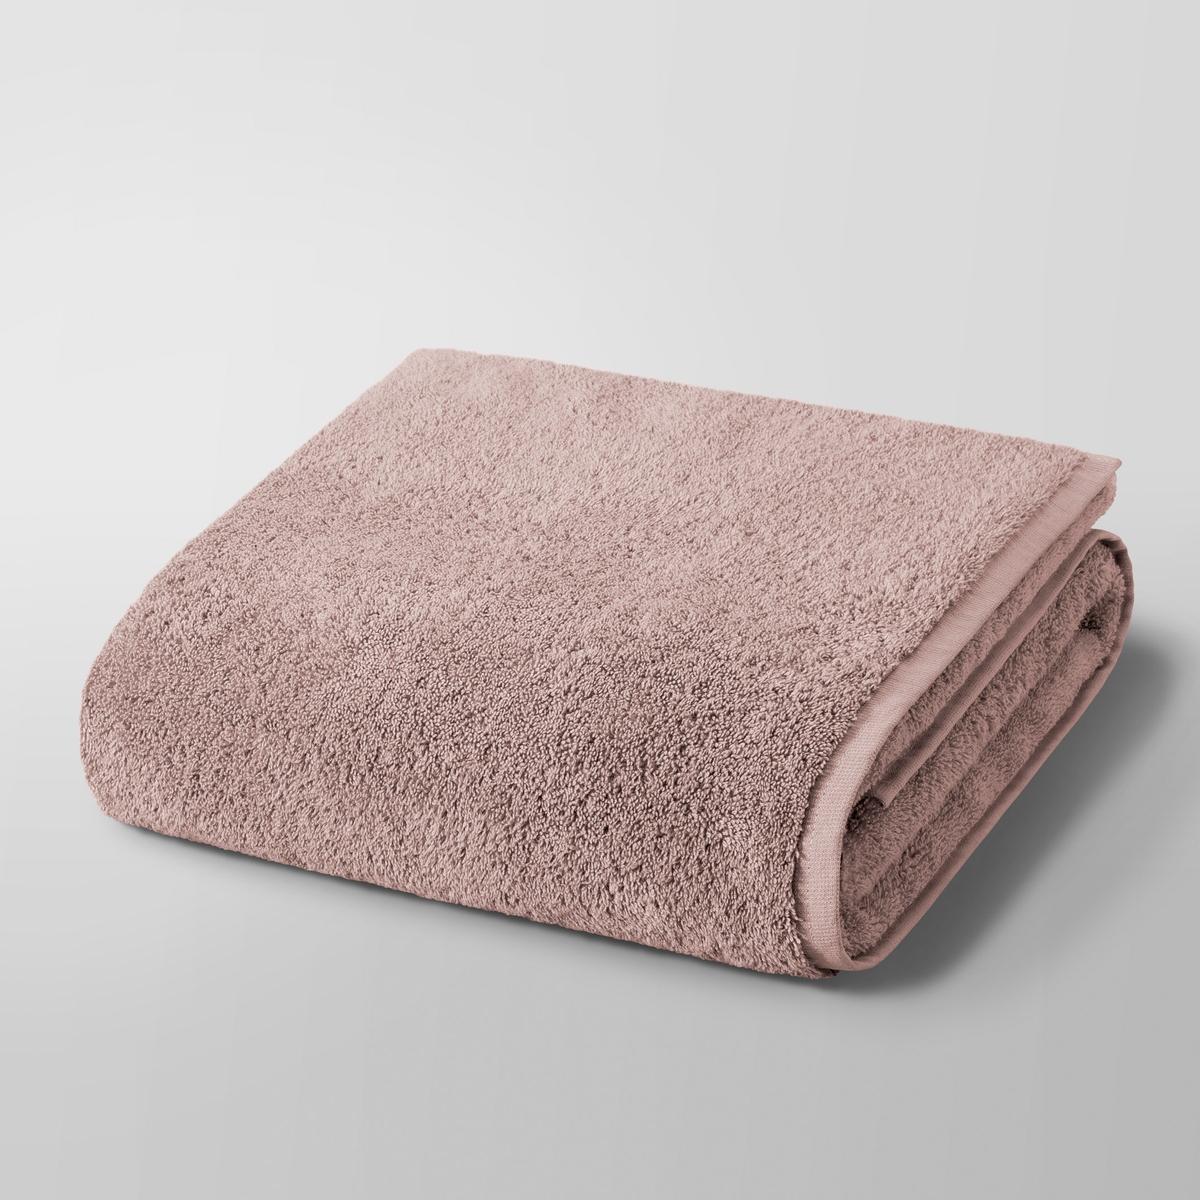 Полотенце для душа макси Gilbear, 100% хлопокПолотенце для душа макси Gilbear, 100% хлопок. Очень нежная, плотная и мягкая махровая ткань. 100% чесаный хлопок 600г/м?, очень мягкий и устойчивый к износу. Машинная стирка при 60 °С. Размер : 103 x 150 см.<br><br>Цвет: серо-розовый,сине-зеленый,темно-серый,черный